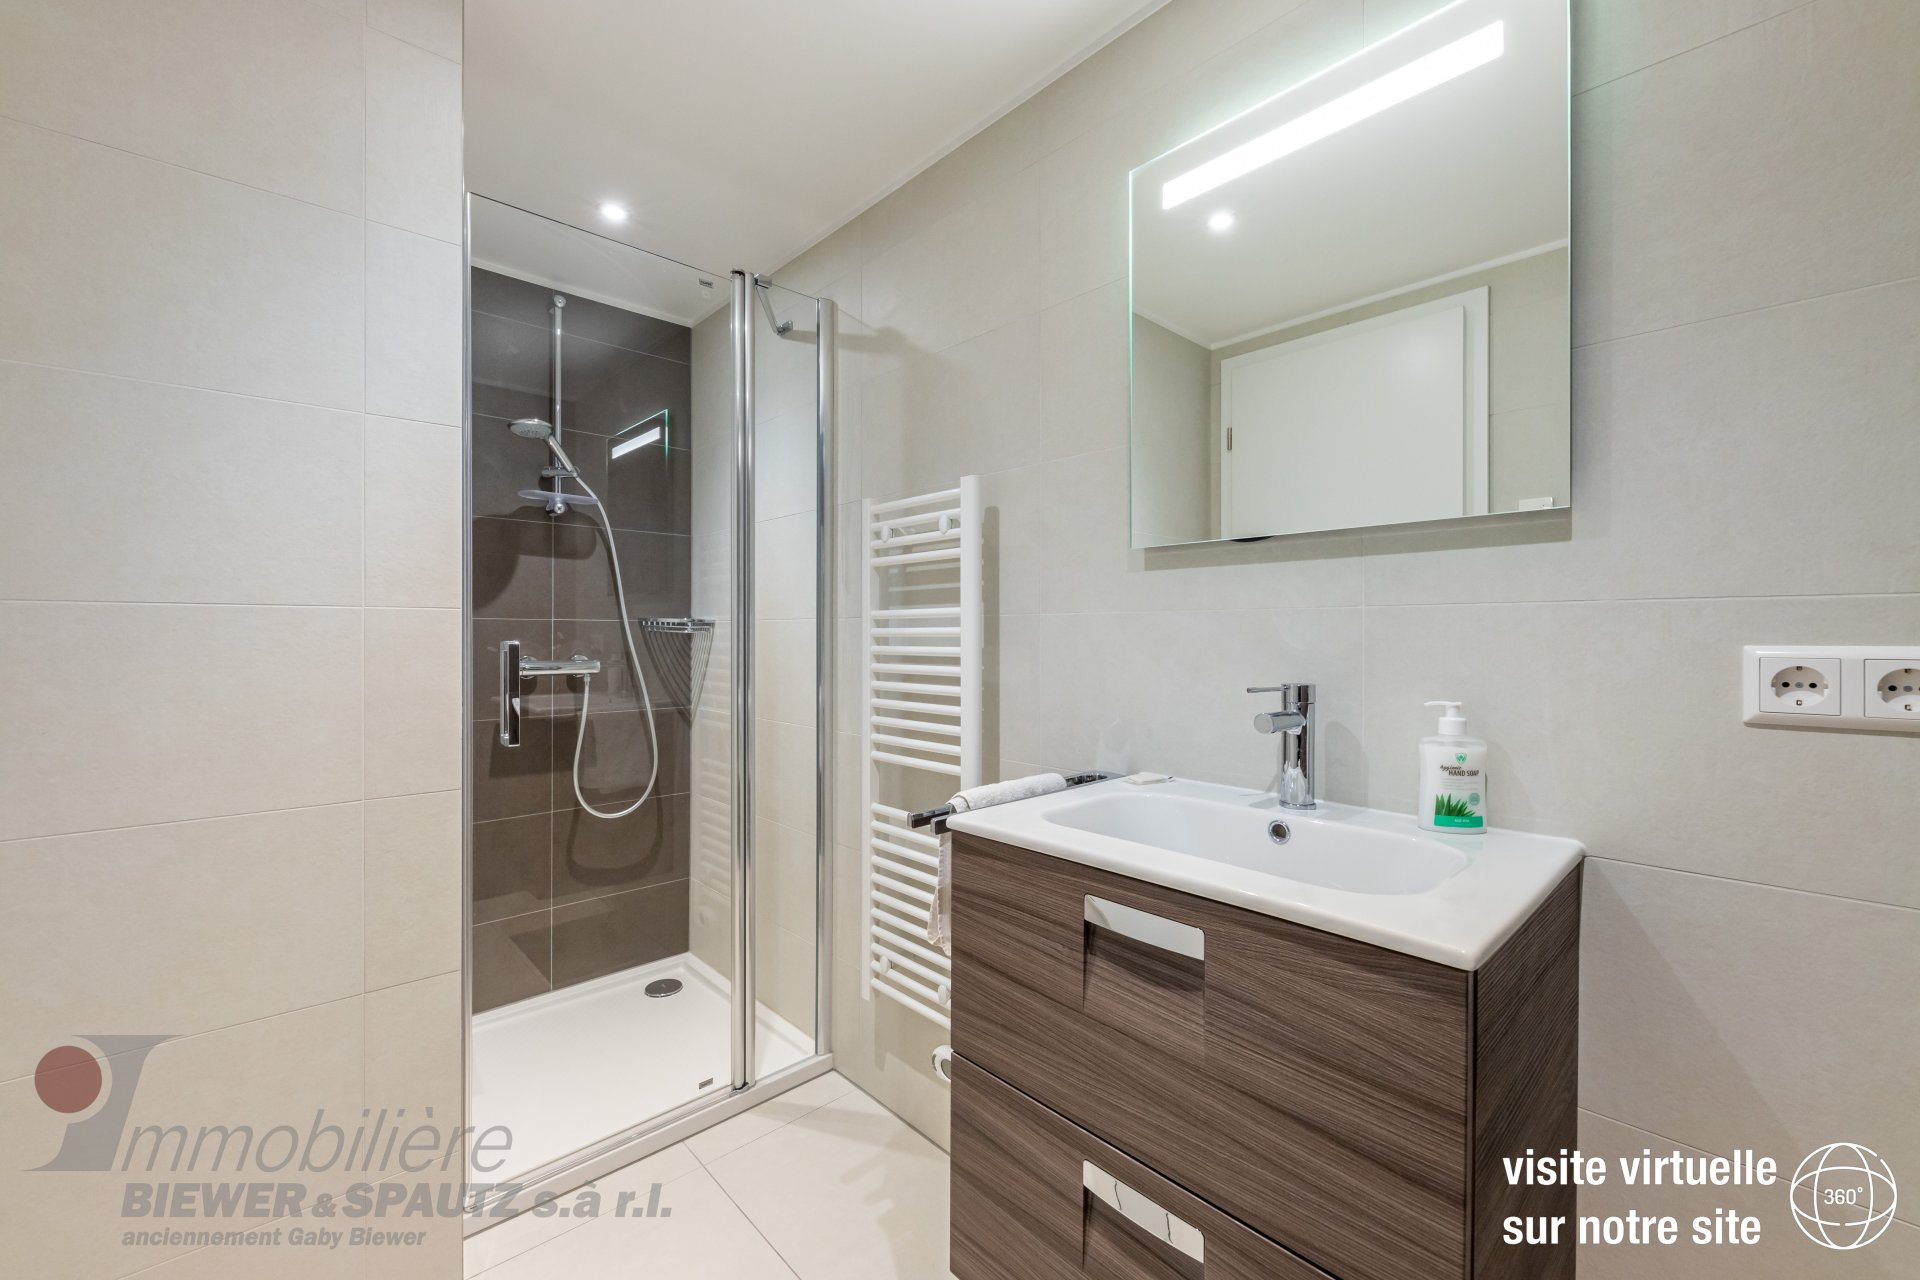 ZU VERMIETEN - Neue Wohnung mit 1 Schlafzimmer in Luxemburg-Gasperich